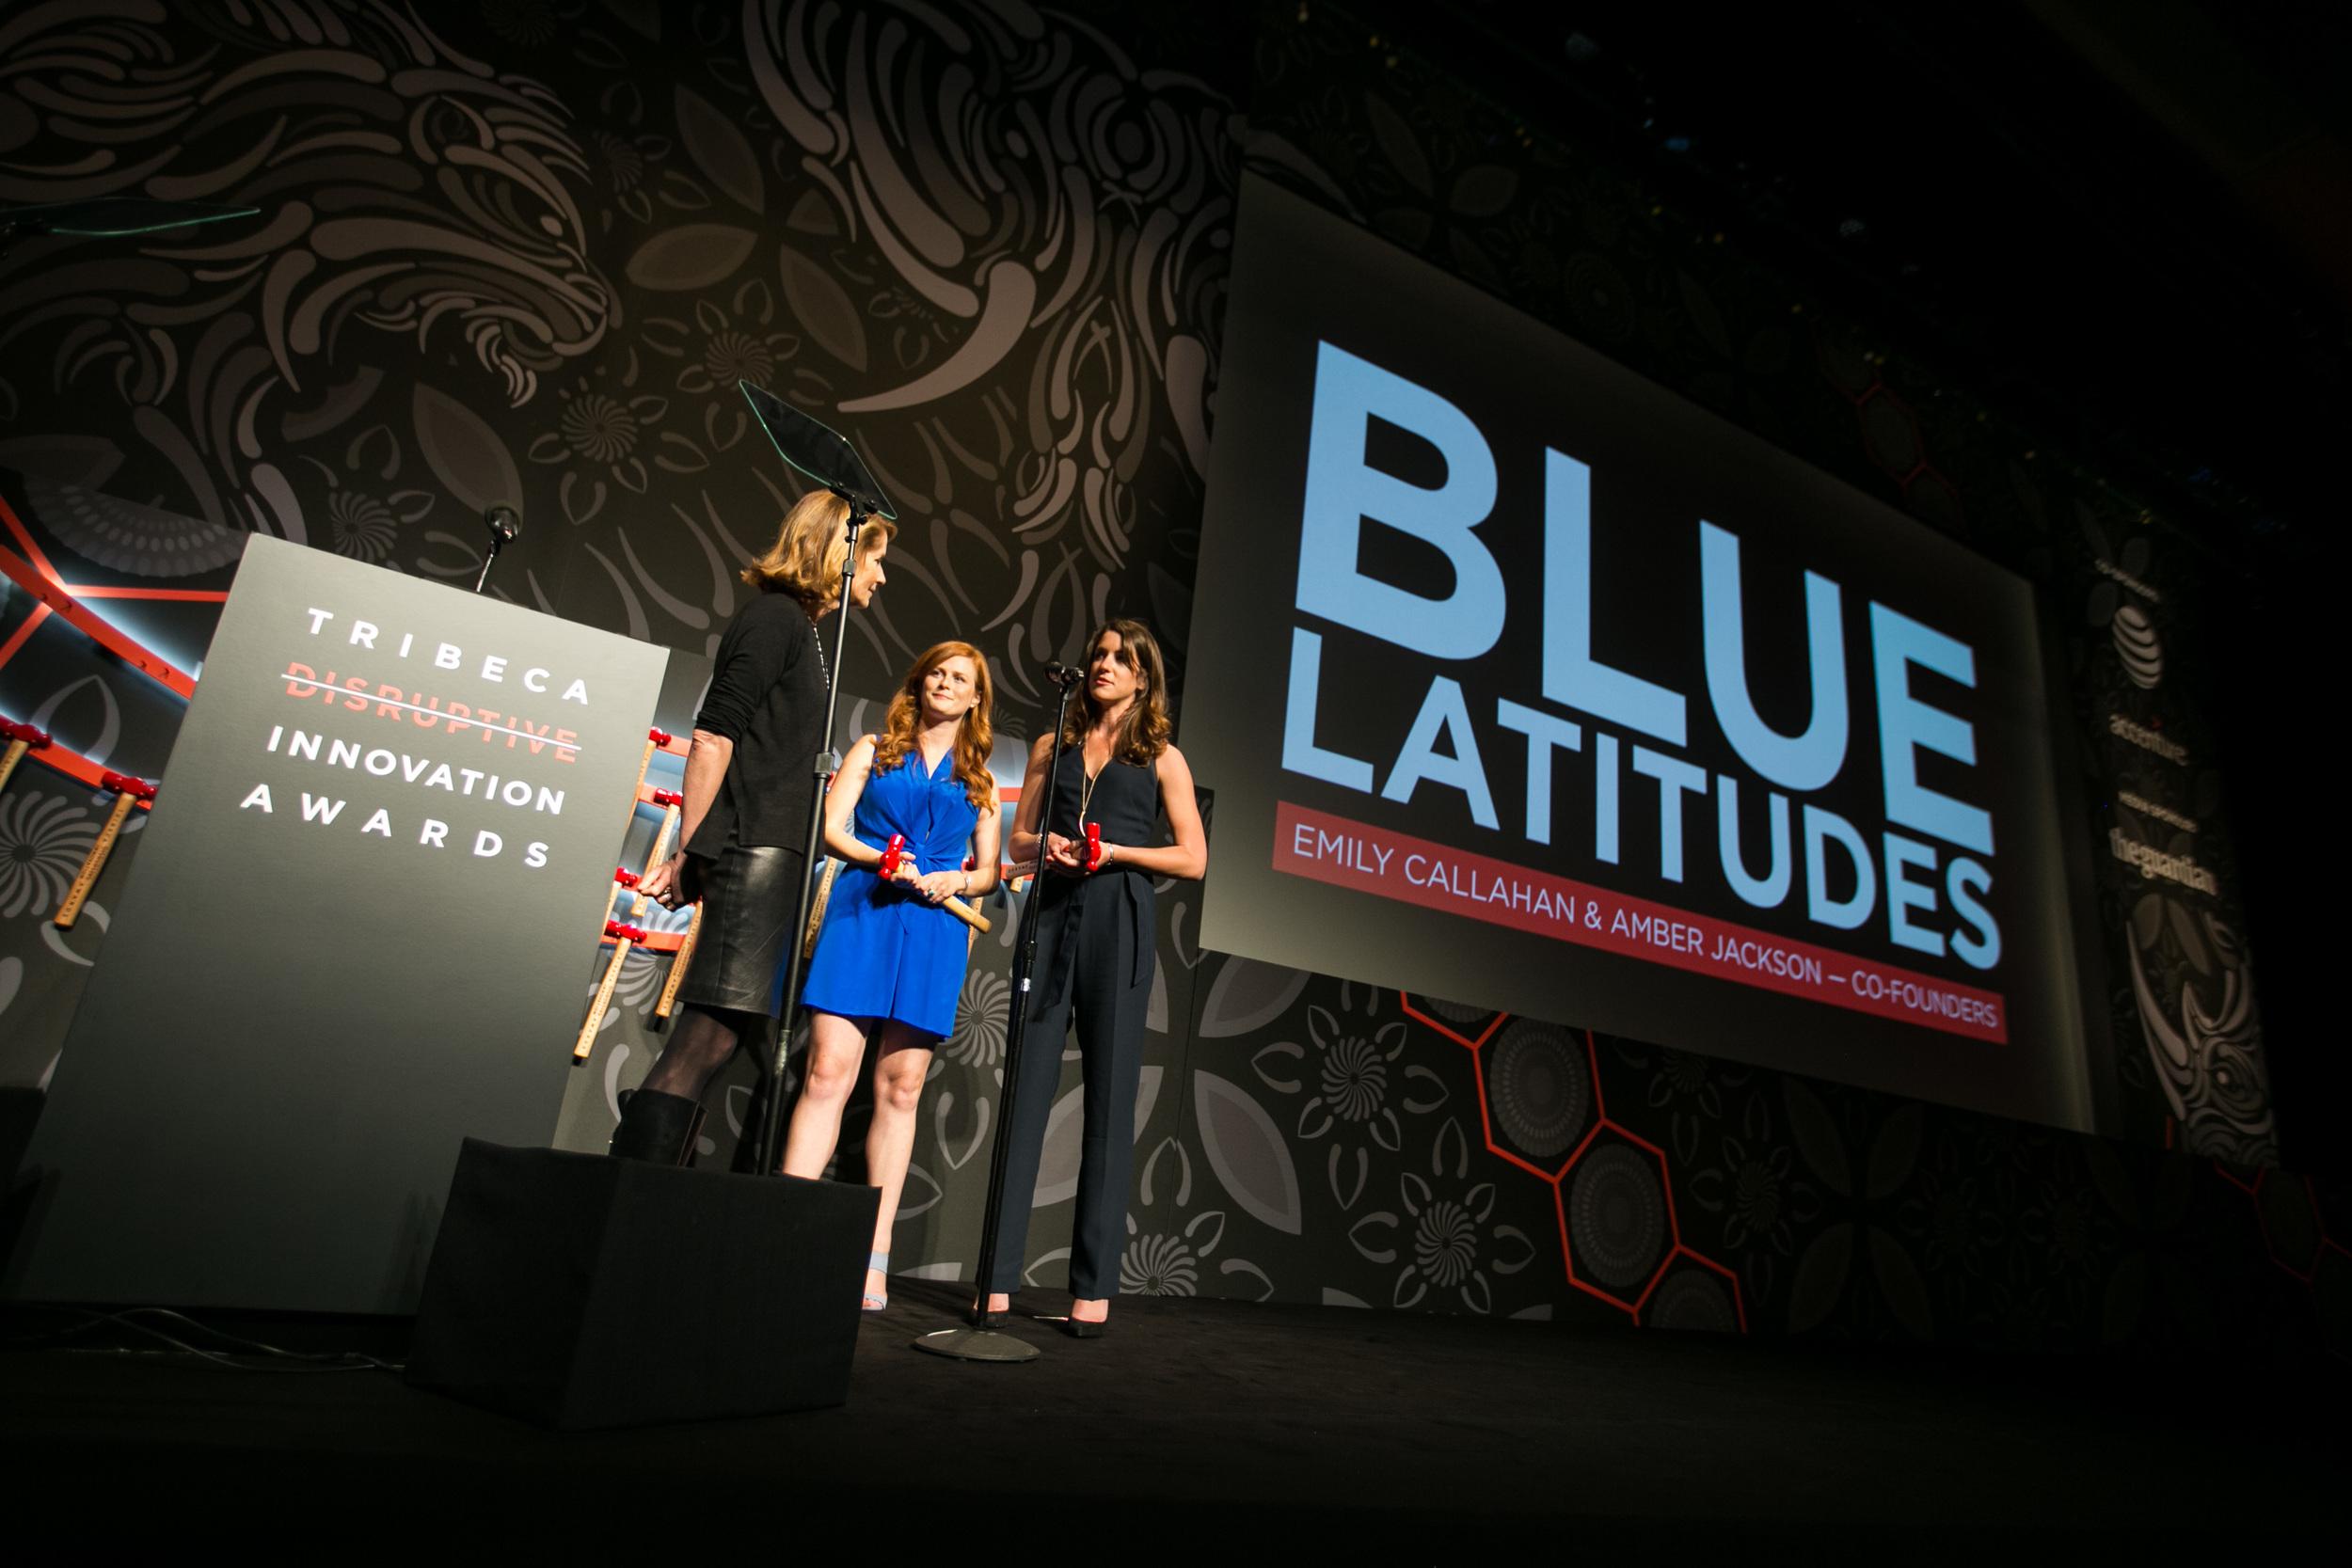 20160422-Tribeca Disruptive Innovation Awards-0331.jpg